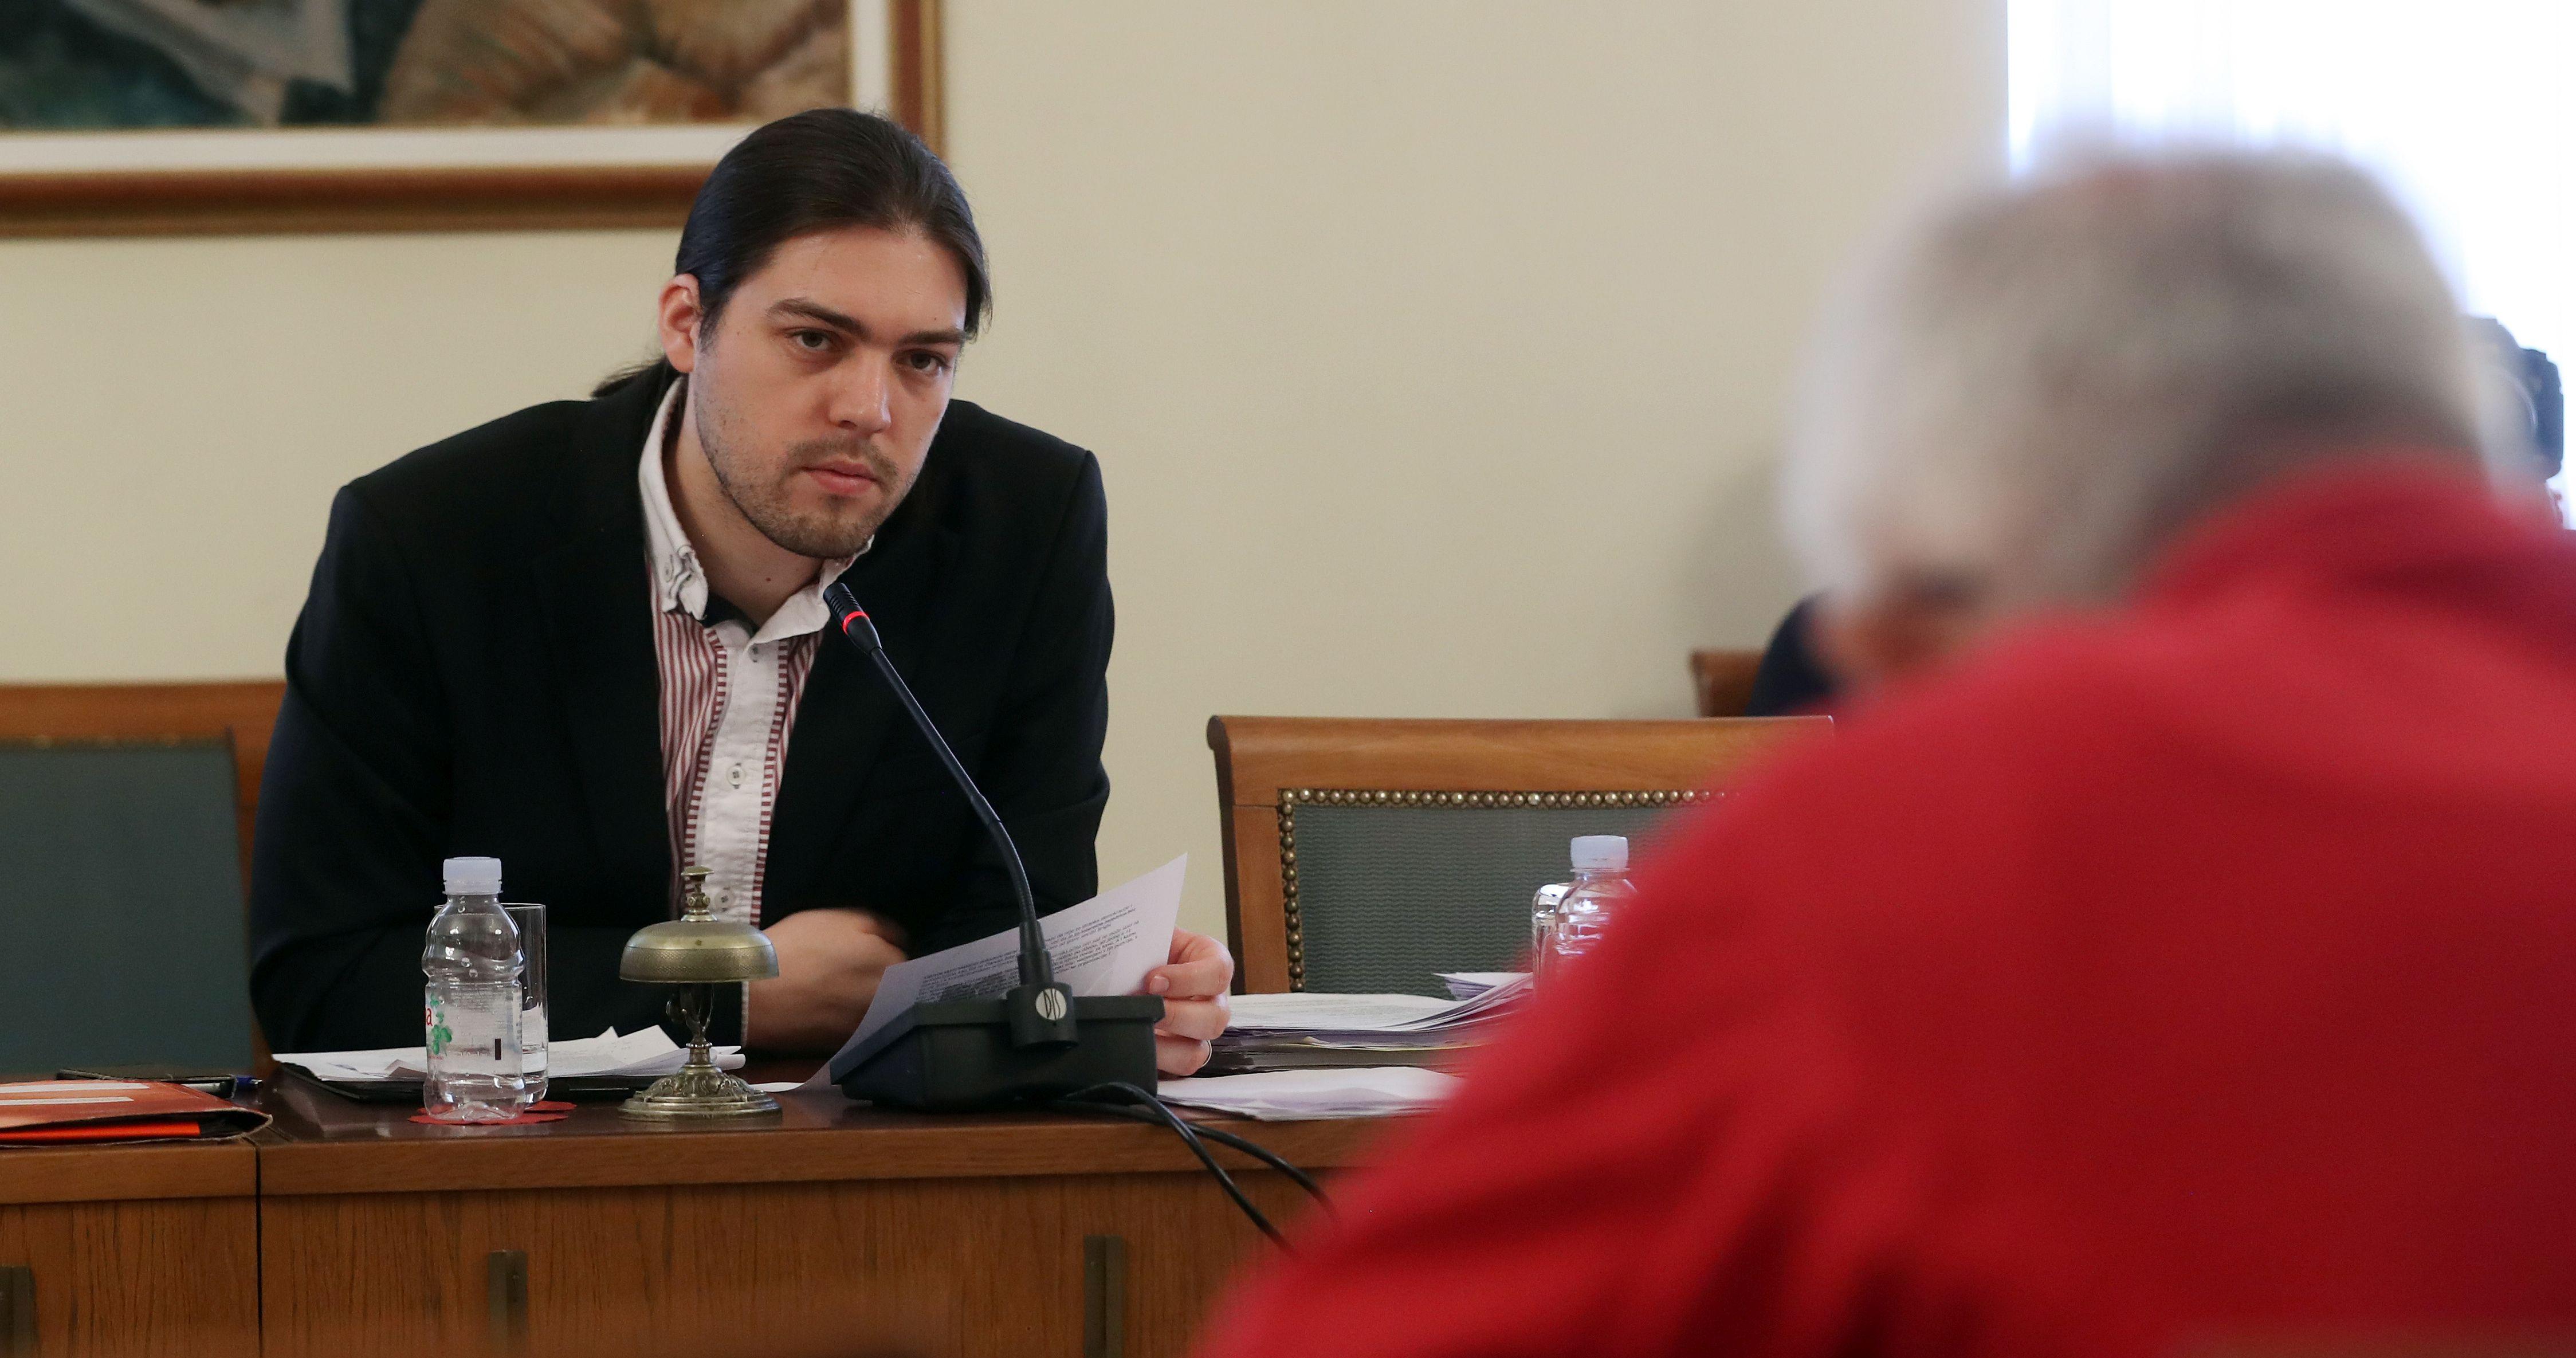 ISTRAŽNO POVJERENSTVO O IMUNOLOŠKOM ZAVODU Svjedočili bivša direktorica i sindikalac